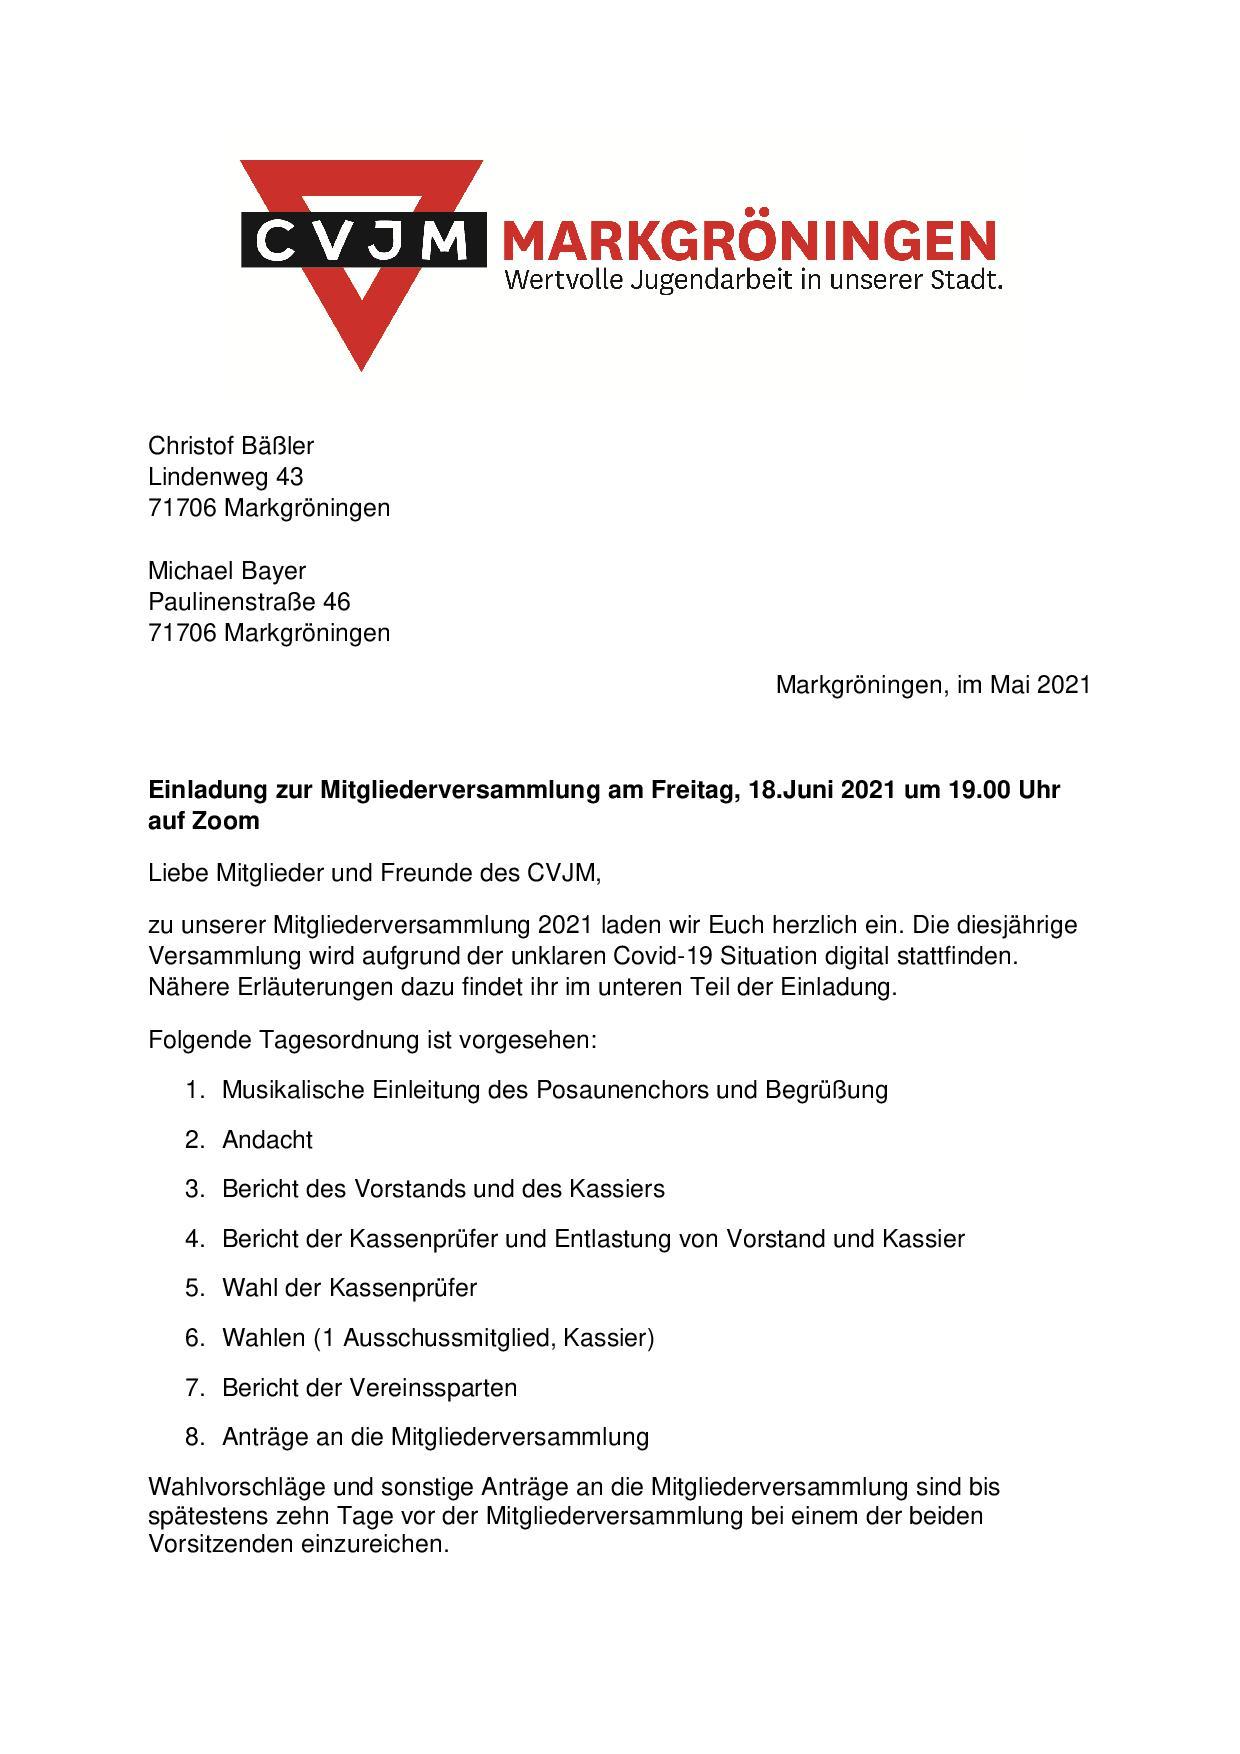 Einladung_MV_2021 mit Digital1